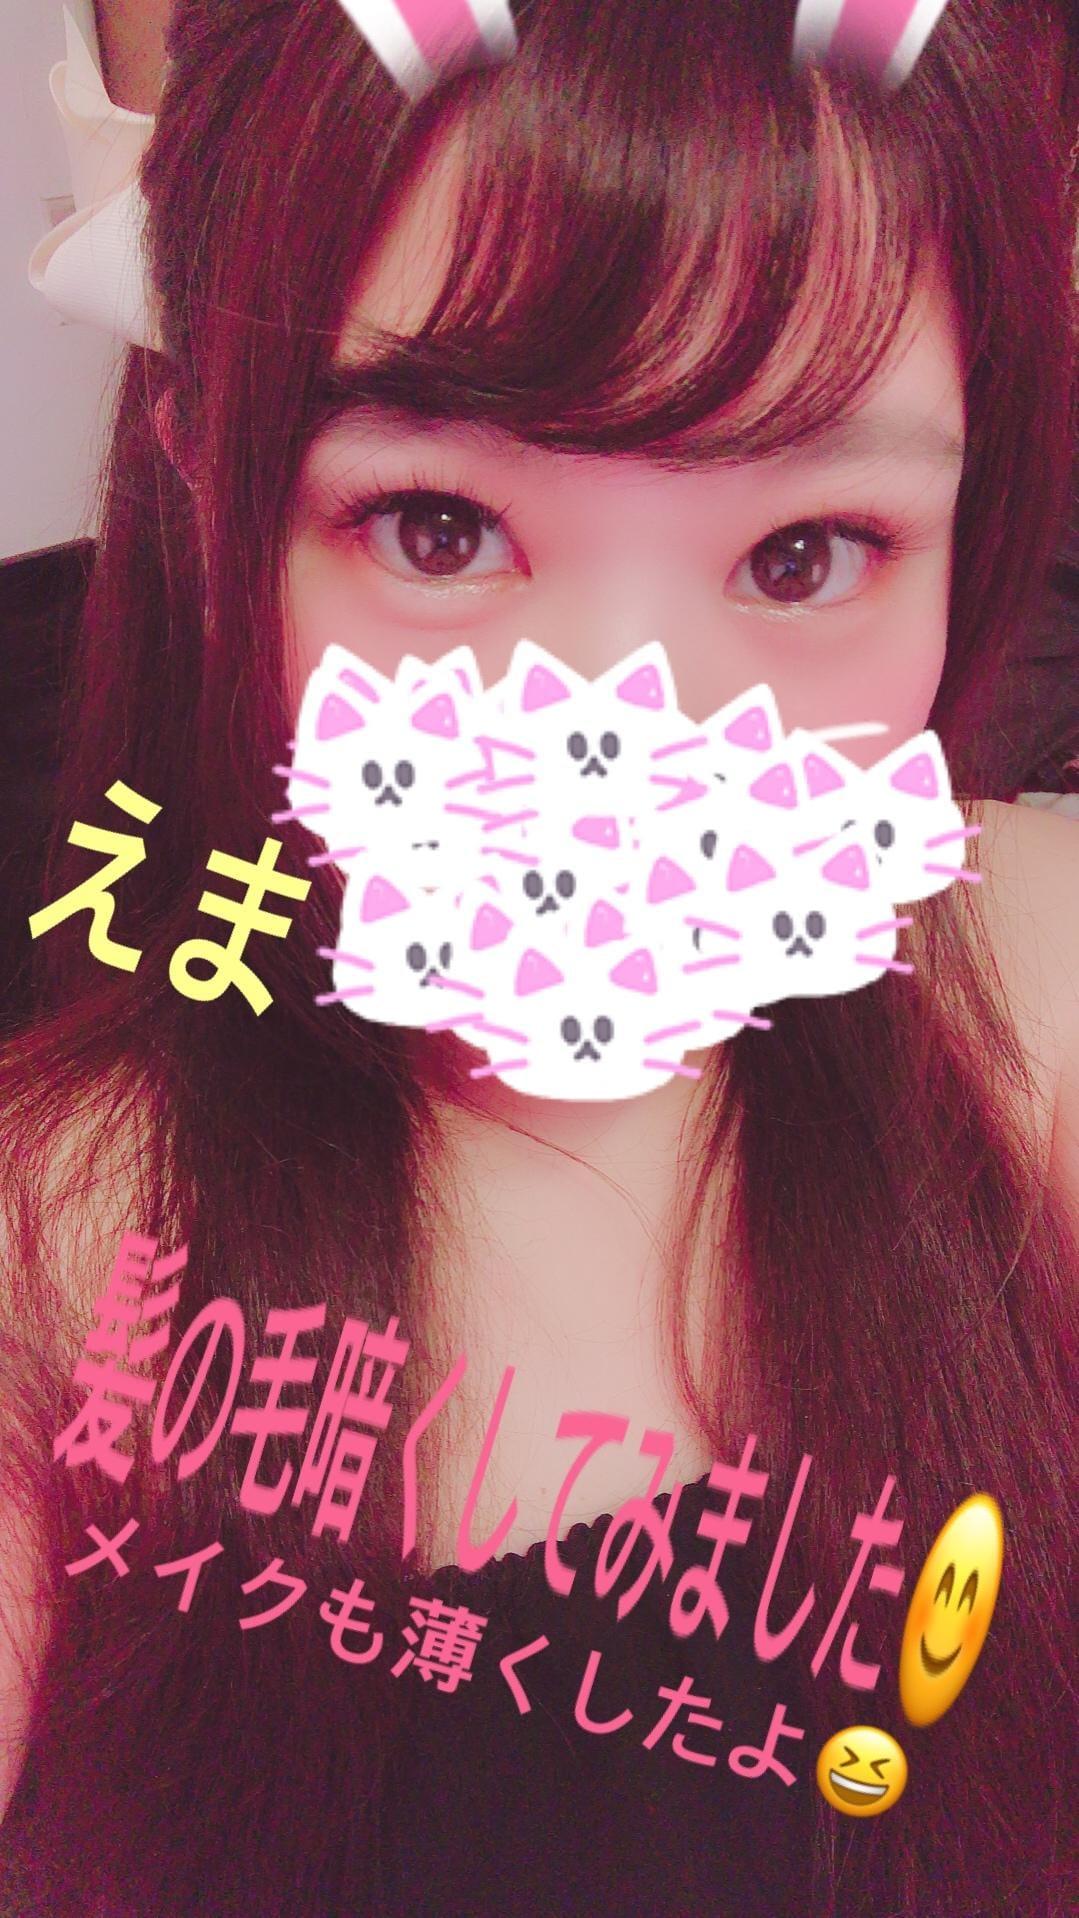 「今日のお礼と明日明後日…♫」06/22(06/22) 23:31 | えまちゃんの写メ・風俗動画